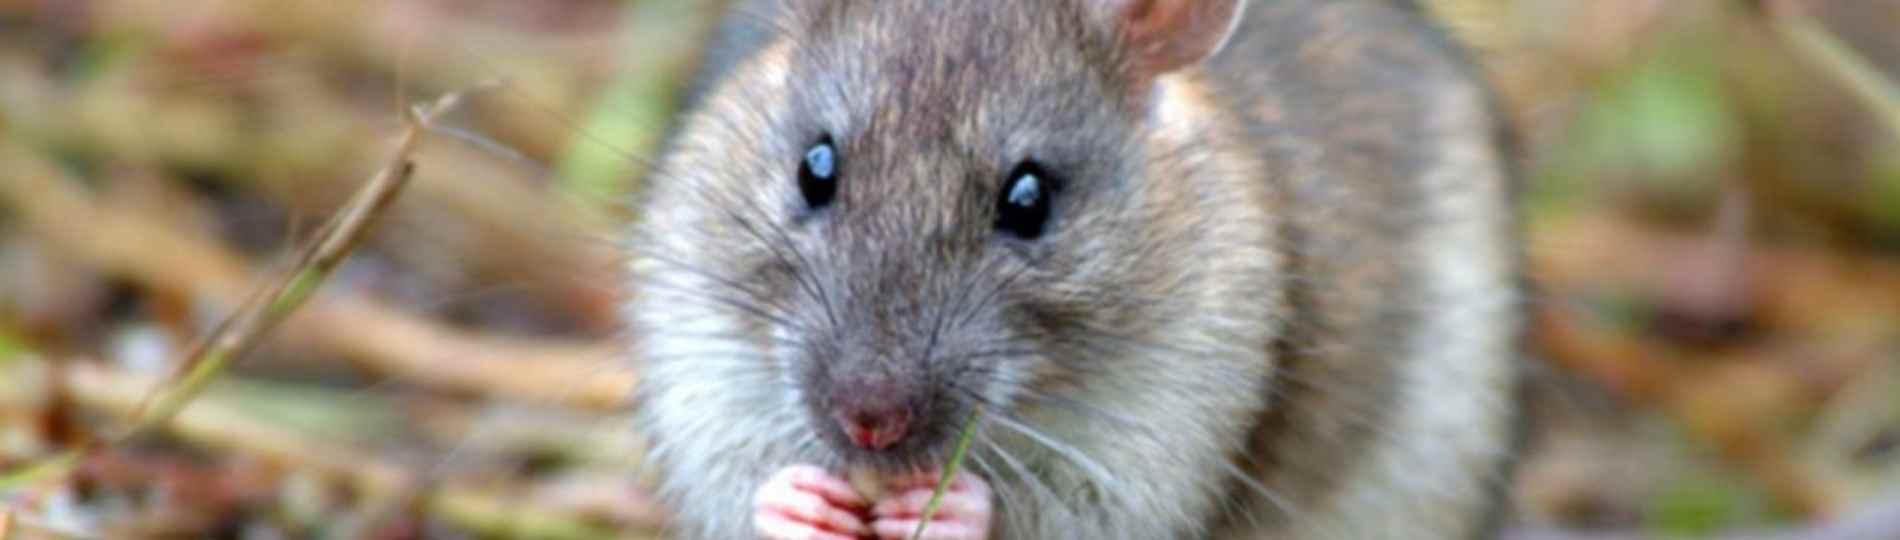 Rats driven